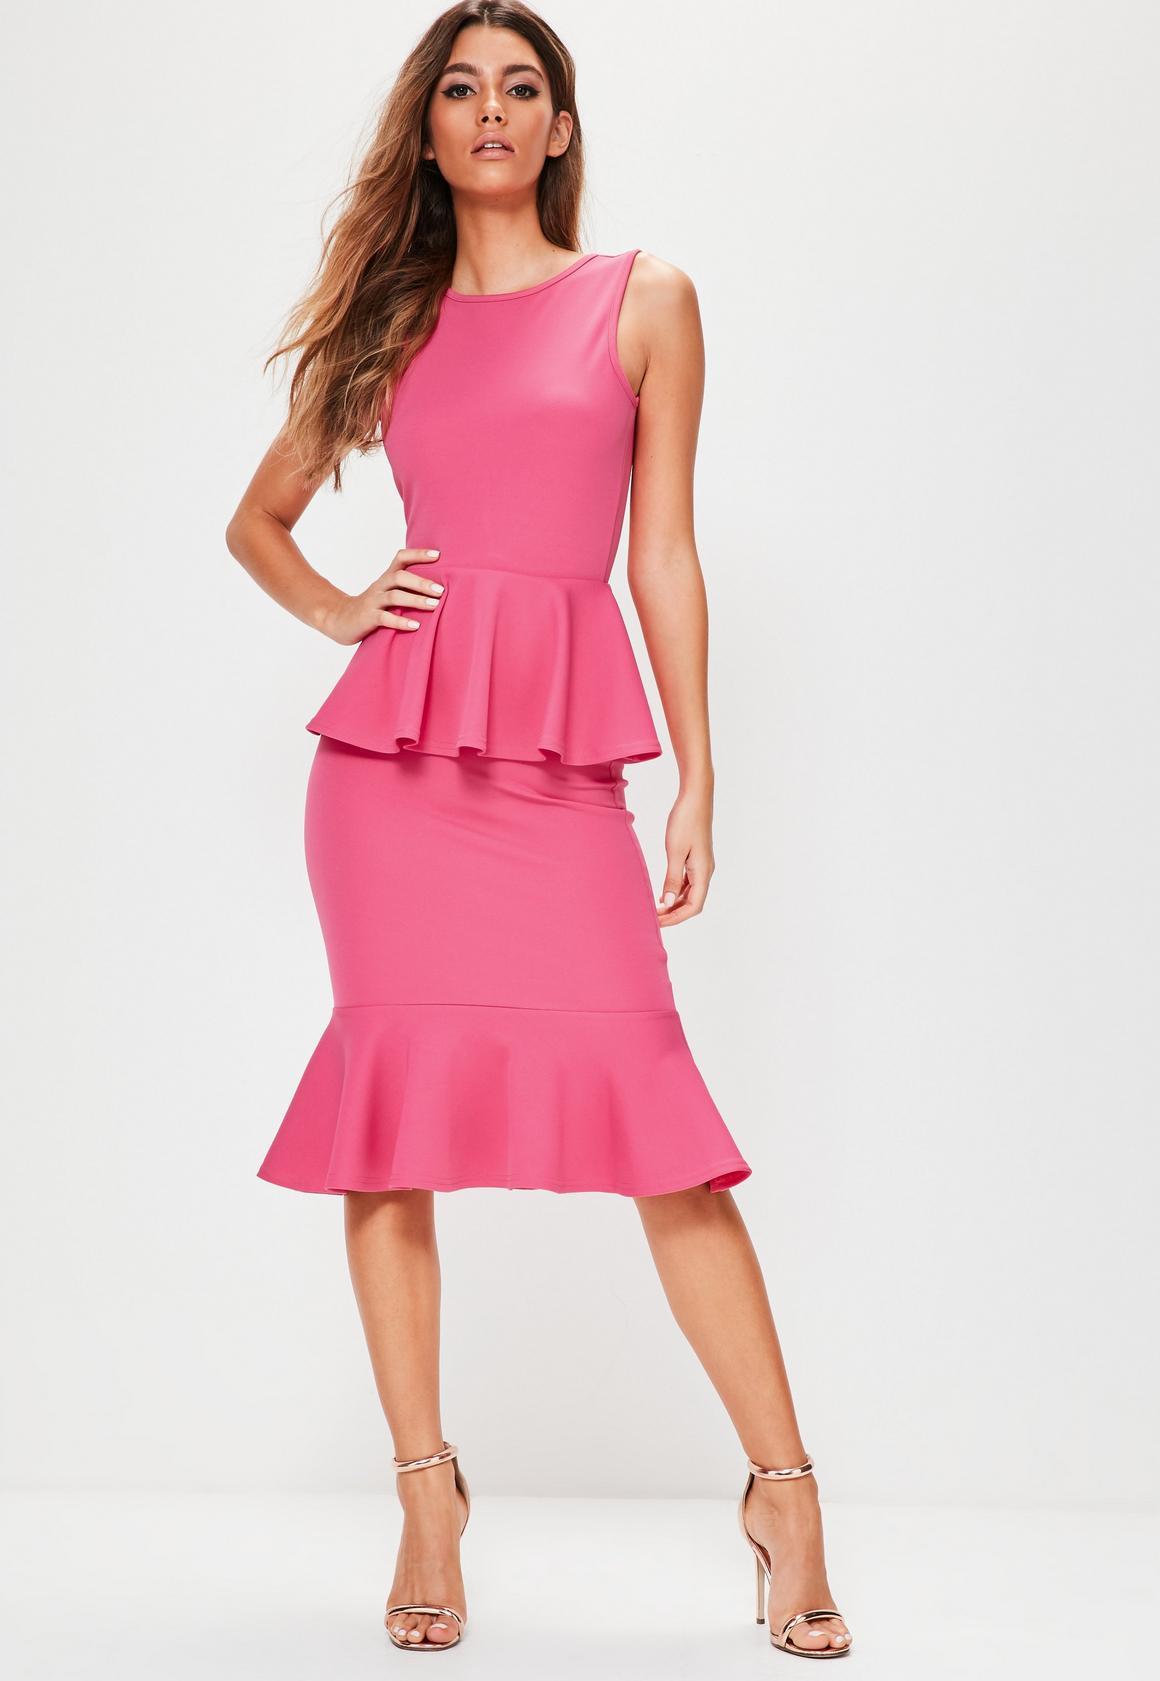 Peplum Dresses | Peplum Waist Dress - Missguided